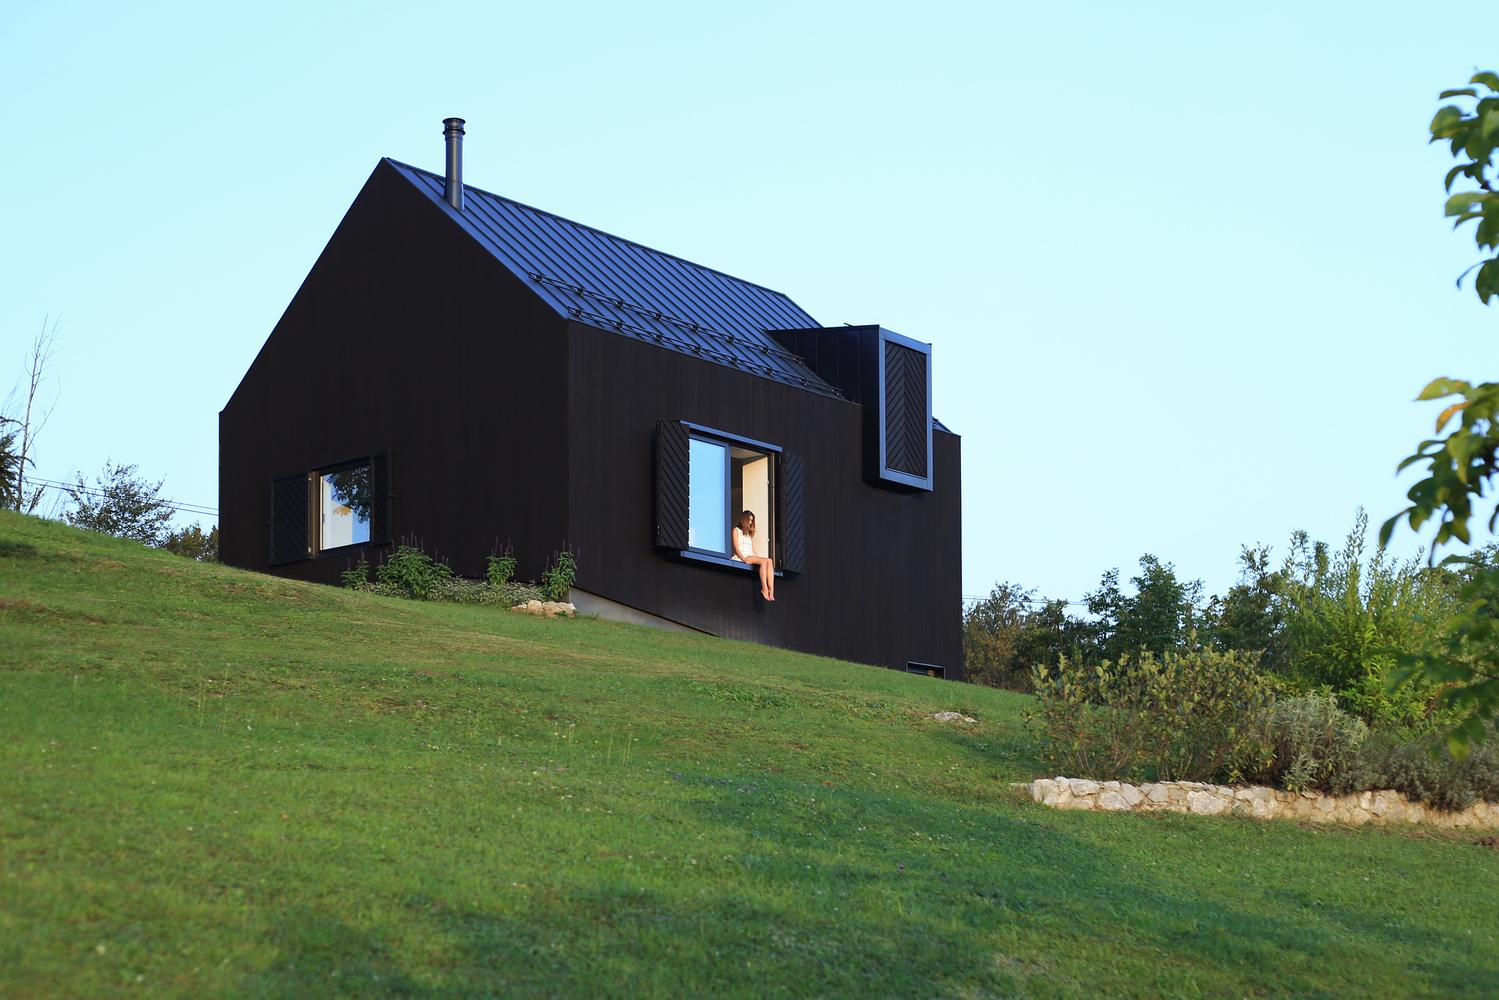 Dom 100m2, czarny